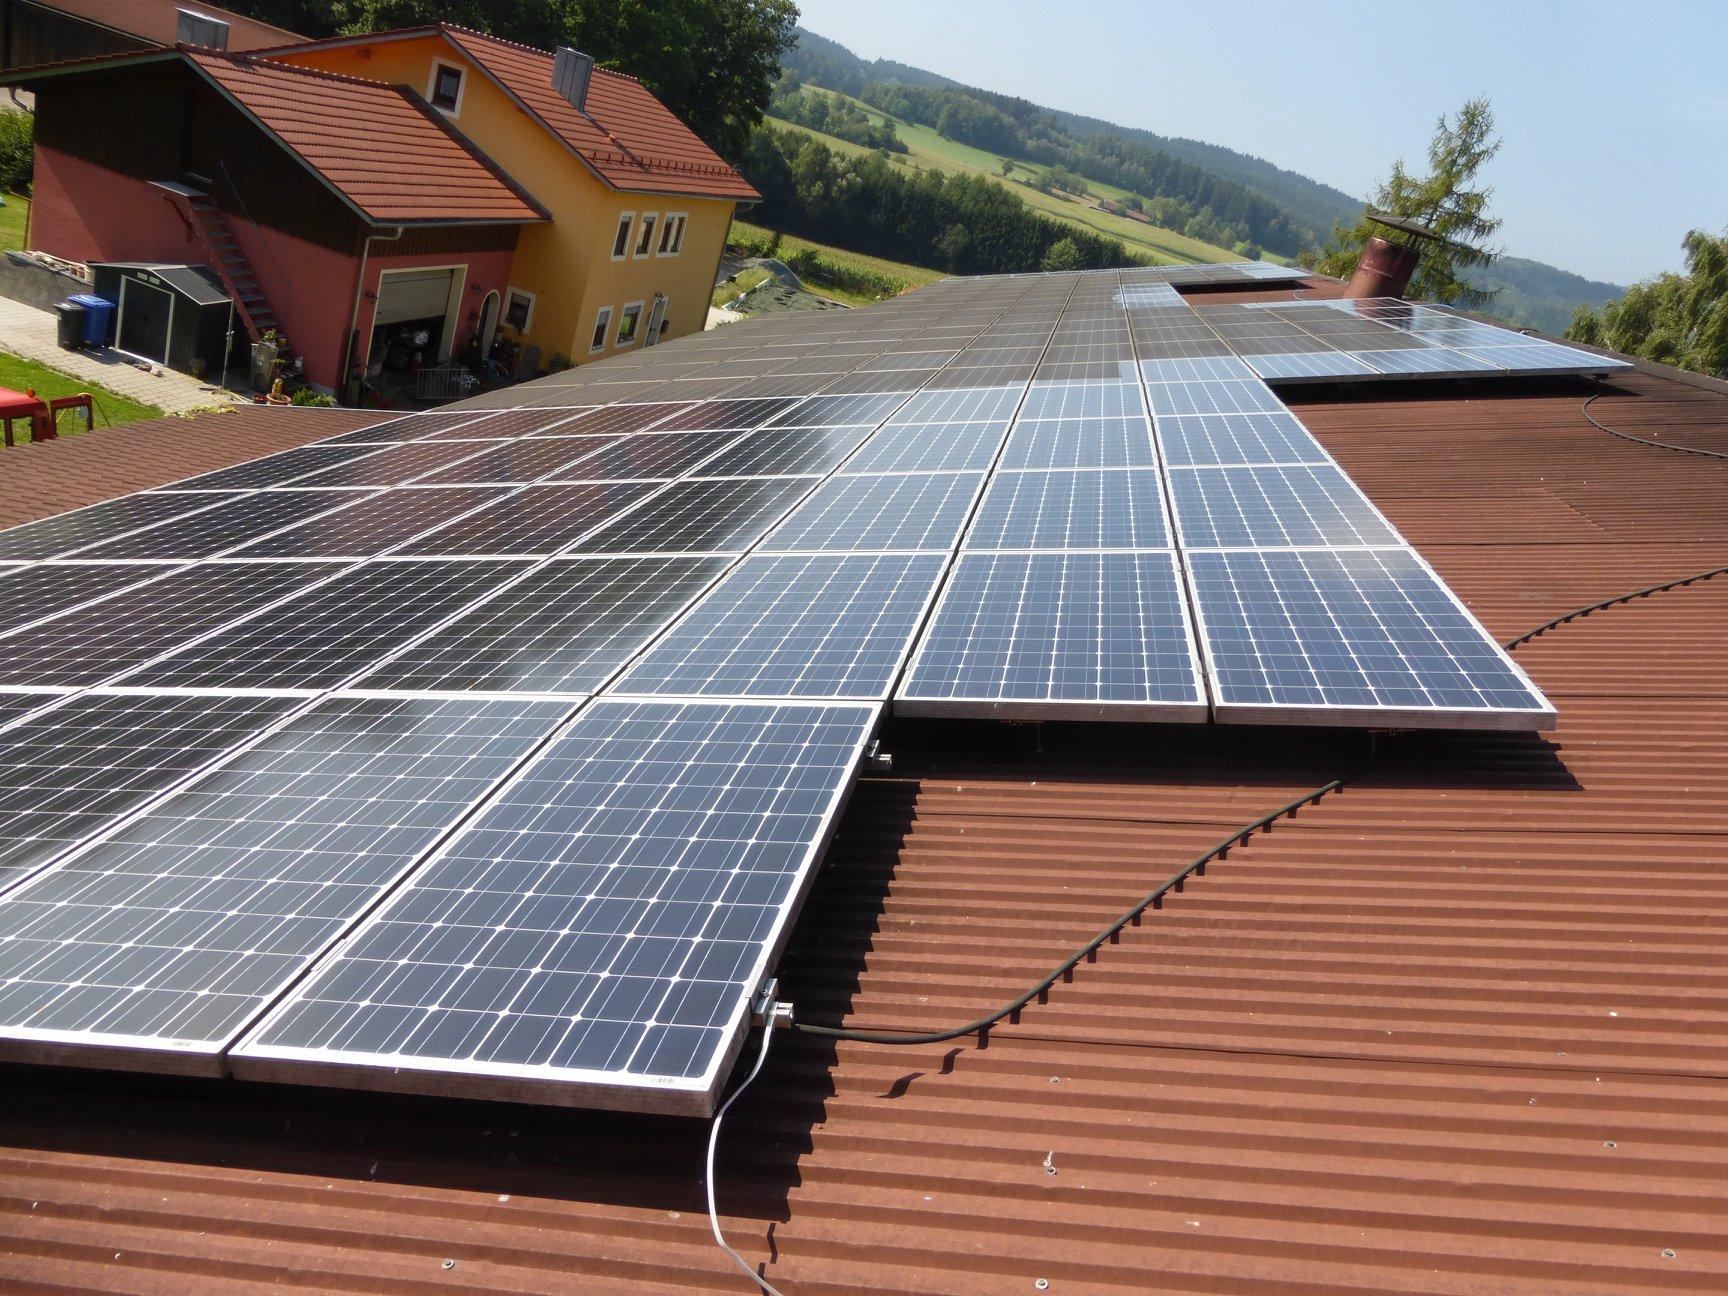 Teilreingigung einer Solaranlage